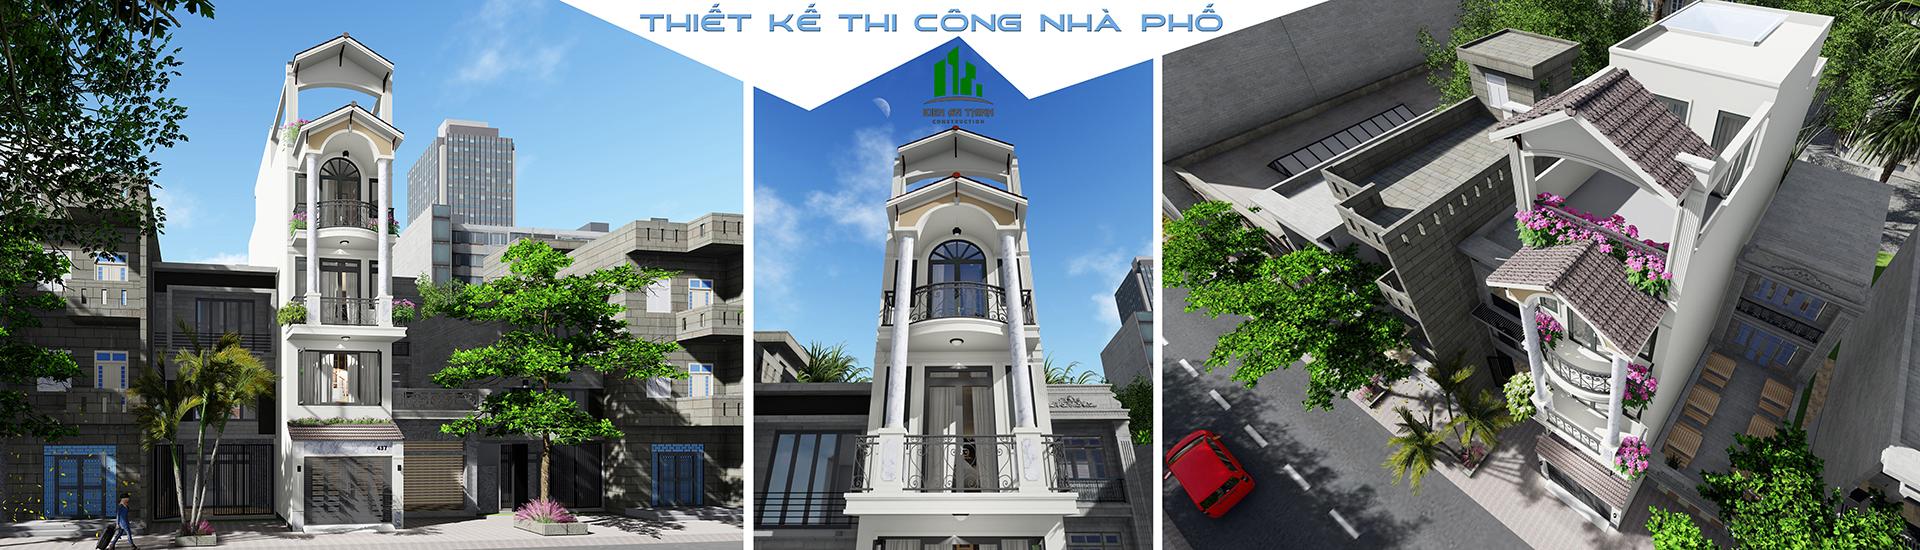 Công ty CP Xây dựng và Thương mại KIẾN AN THỊNH